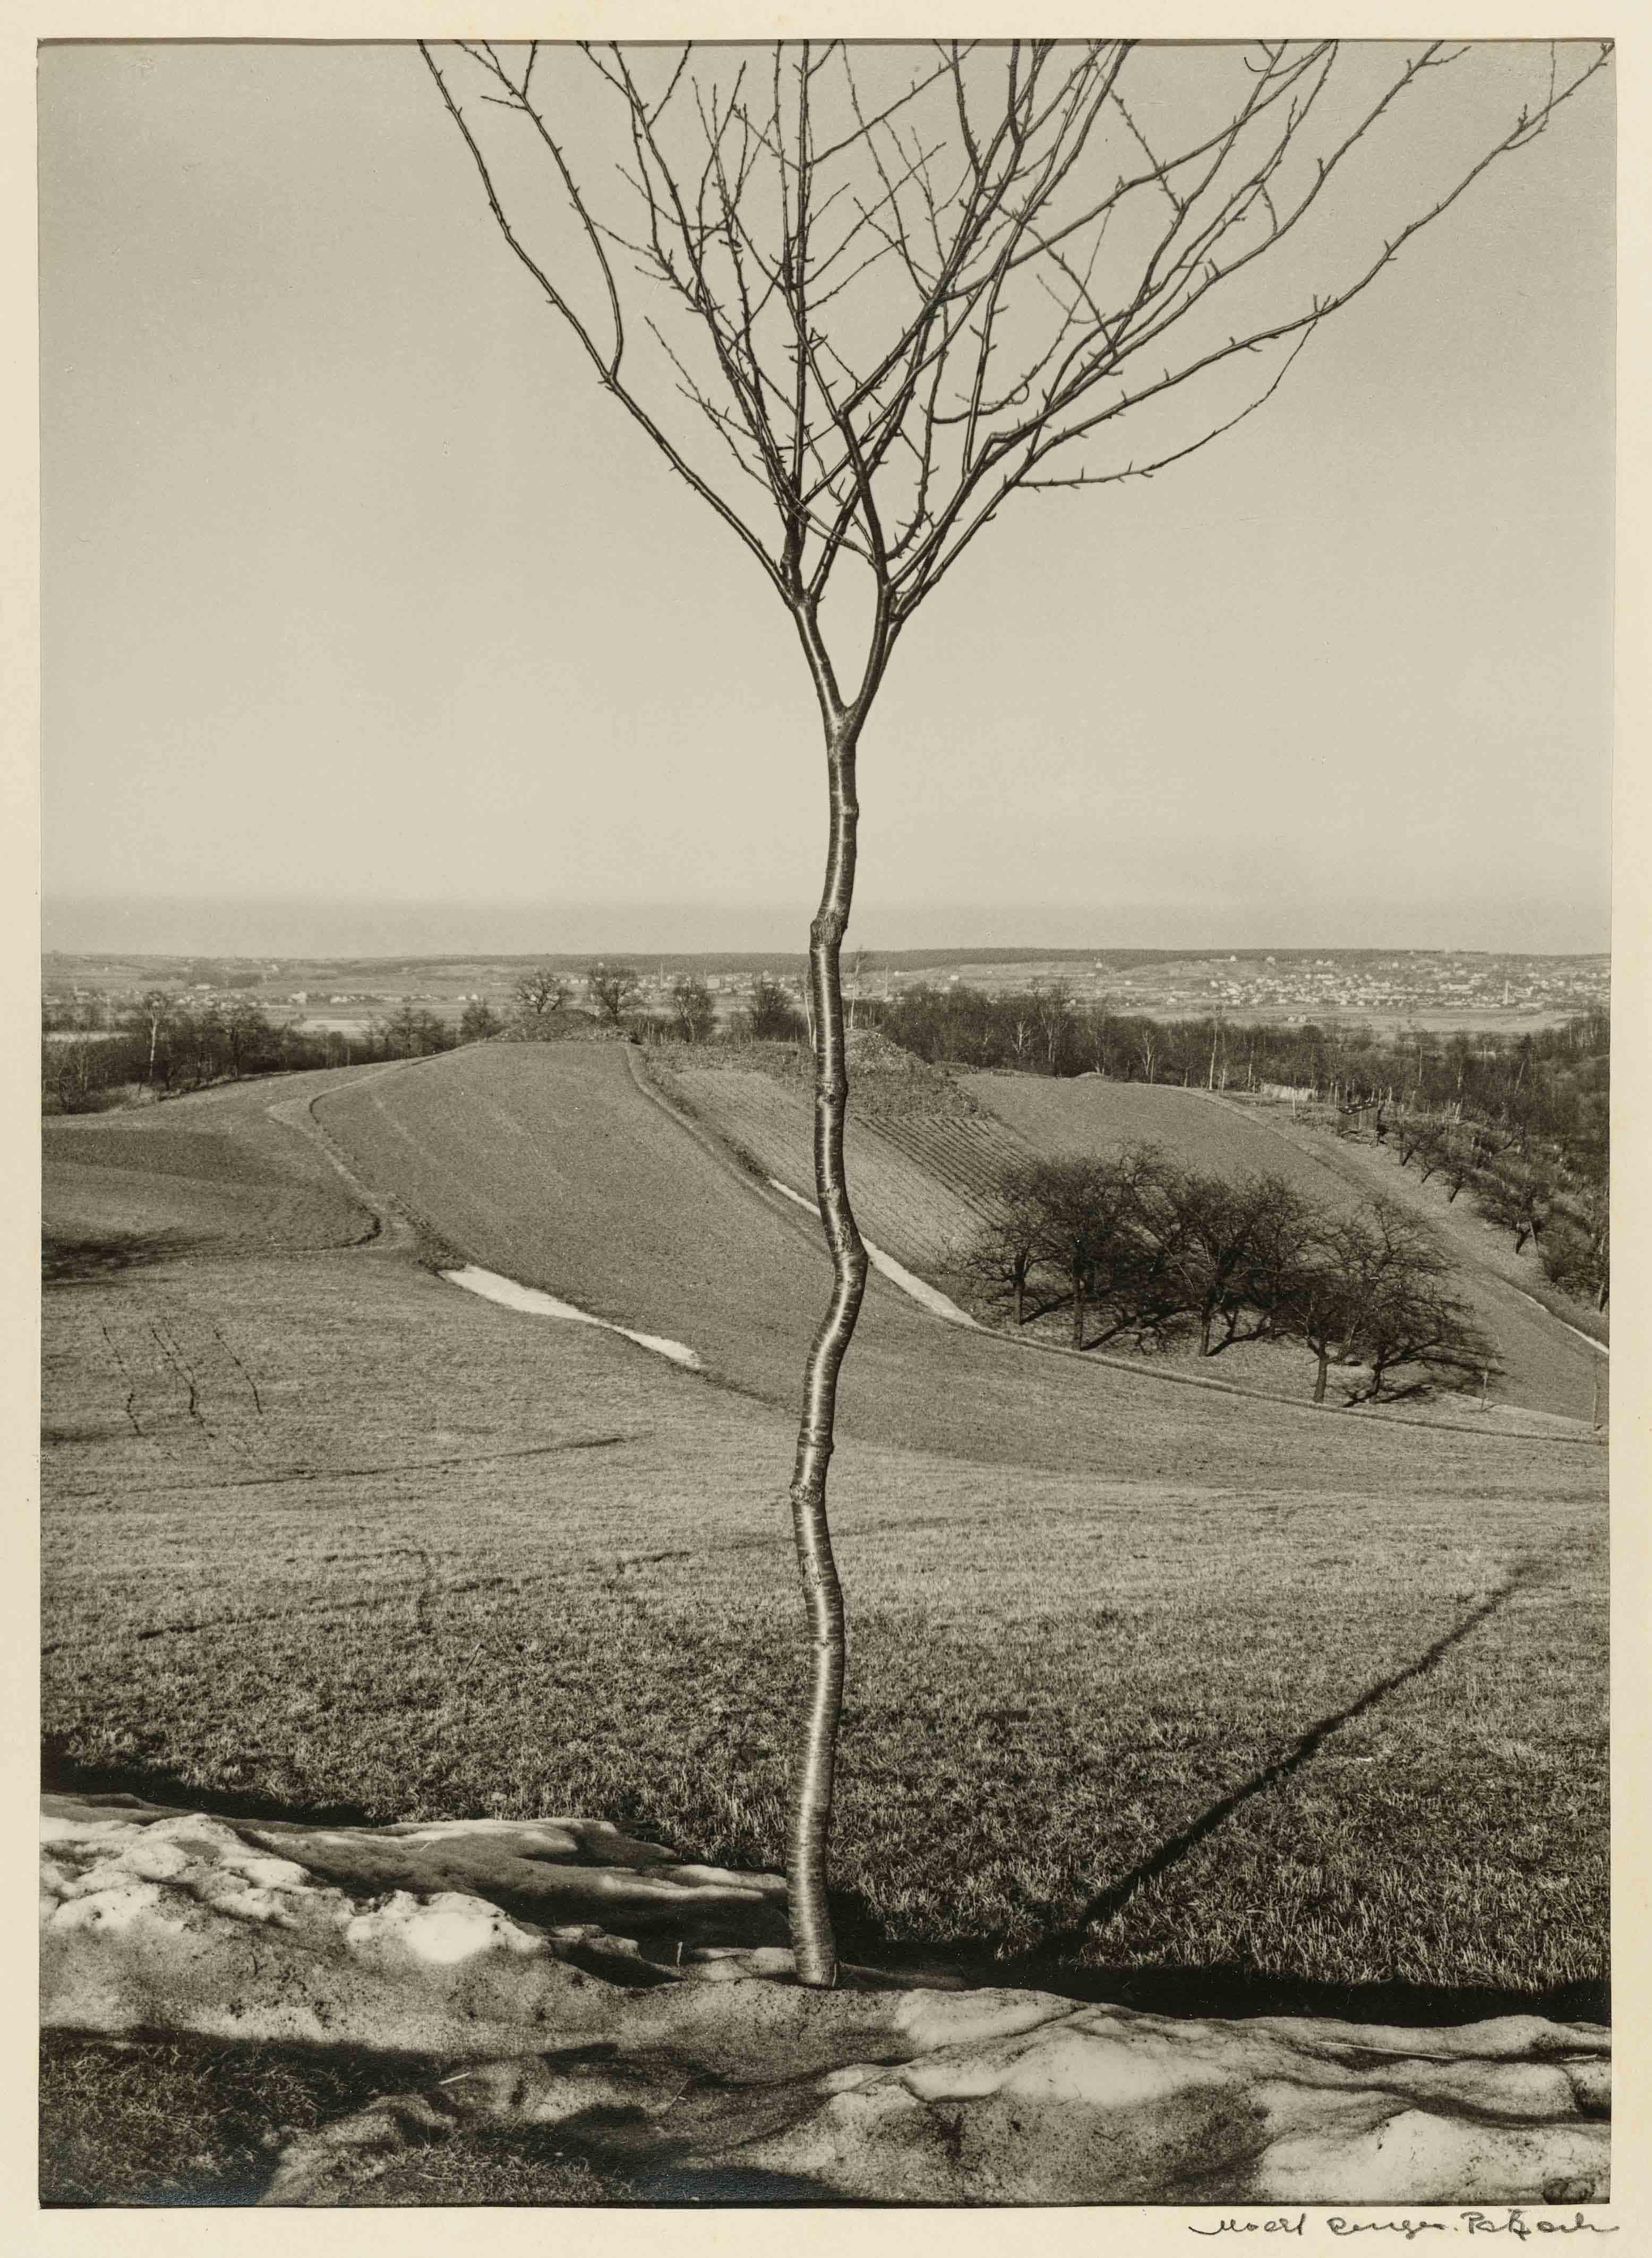 ALBERT RENGER-PATZSCH — Das Bäumchen [Le Jeune Arbre], 1928 Galerie Berinson, Berlin © Albert Renger-Patzsch / Archiv Ann und Jürgen Wilde, Zülpich / ADAGP, Paris 2017